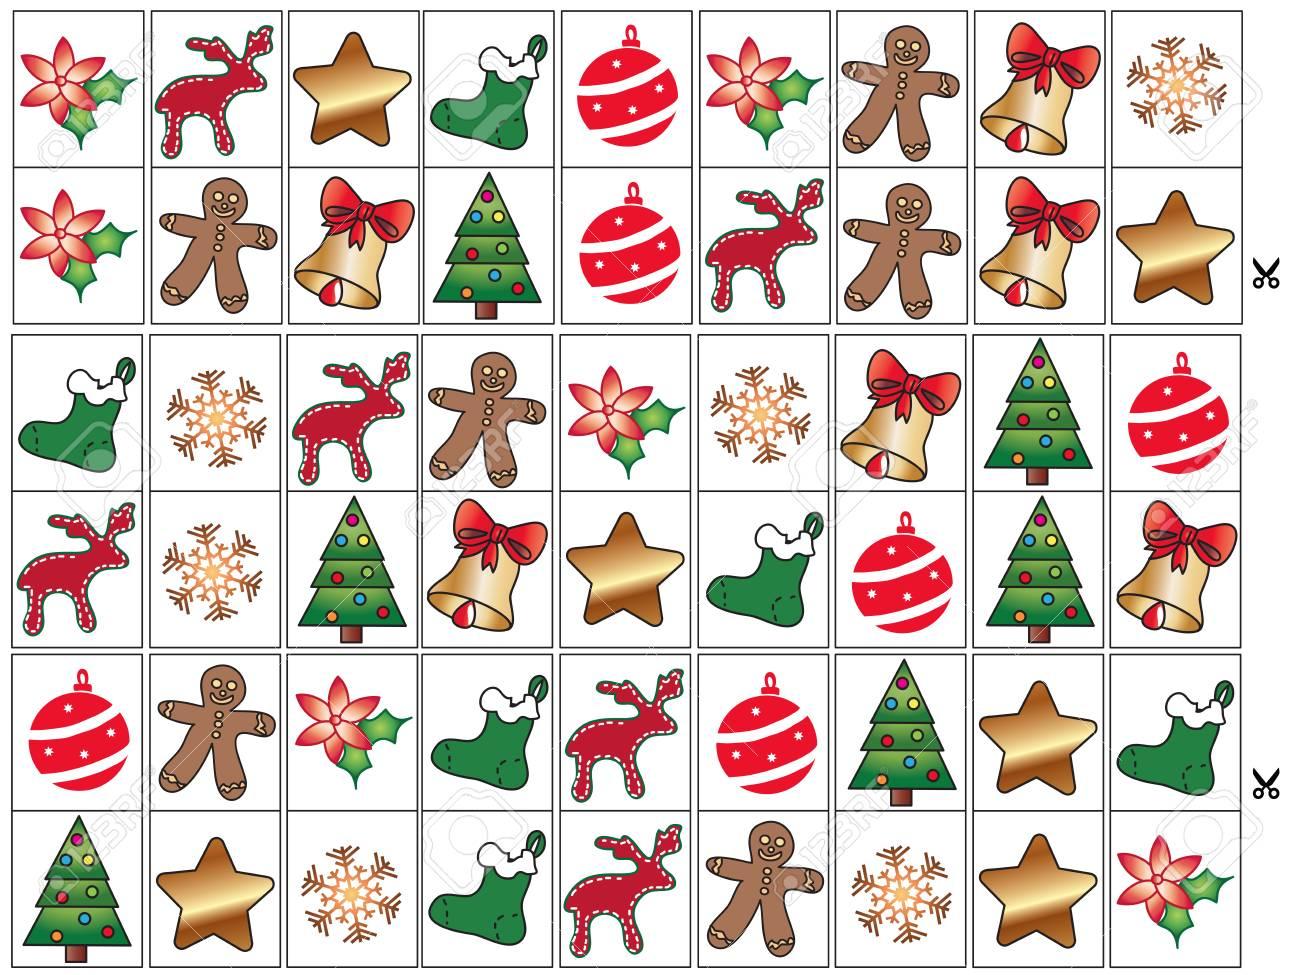 Juego Para Ninos Domino De Navidad Fotos Retratos Imagenes Y